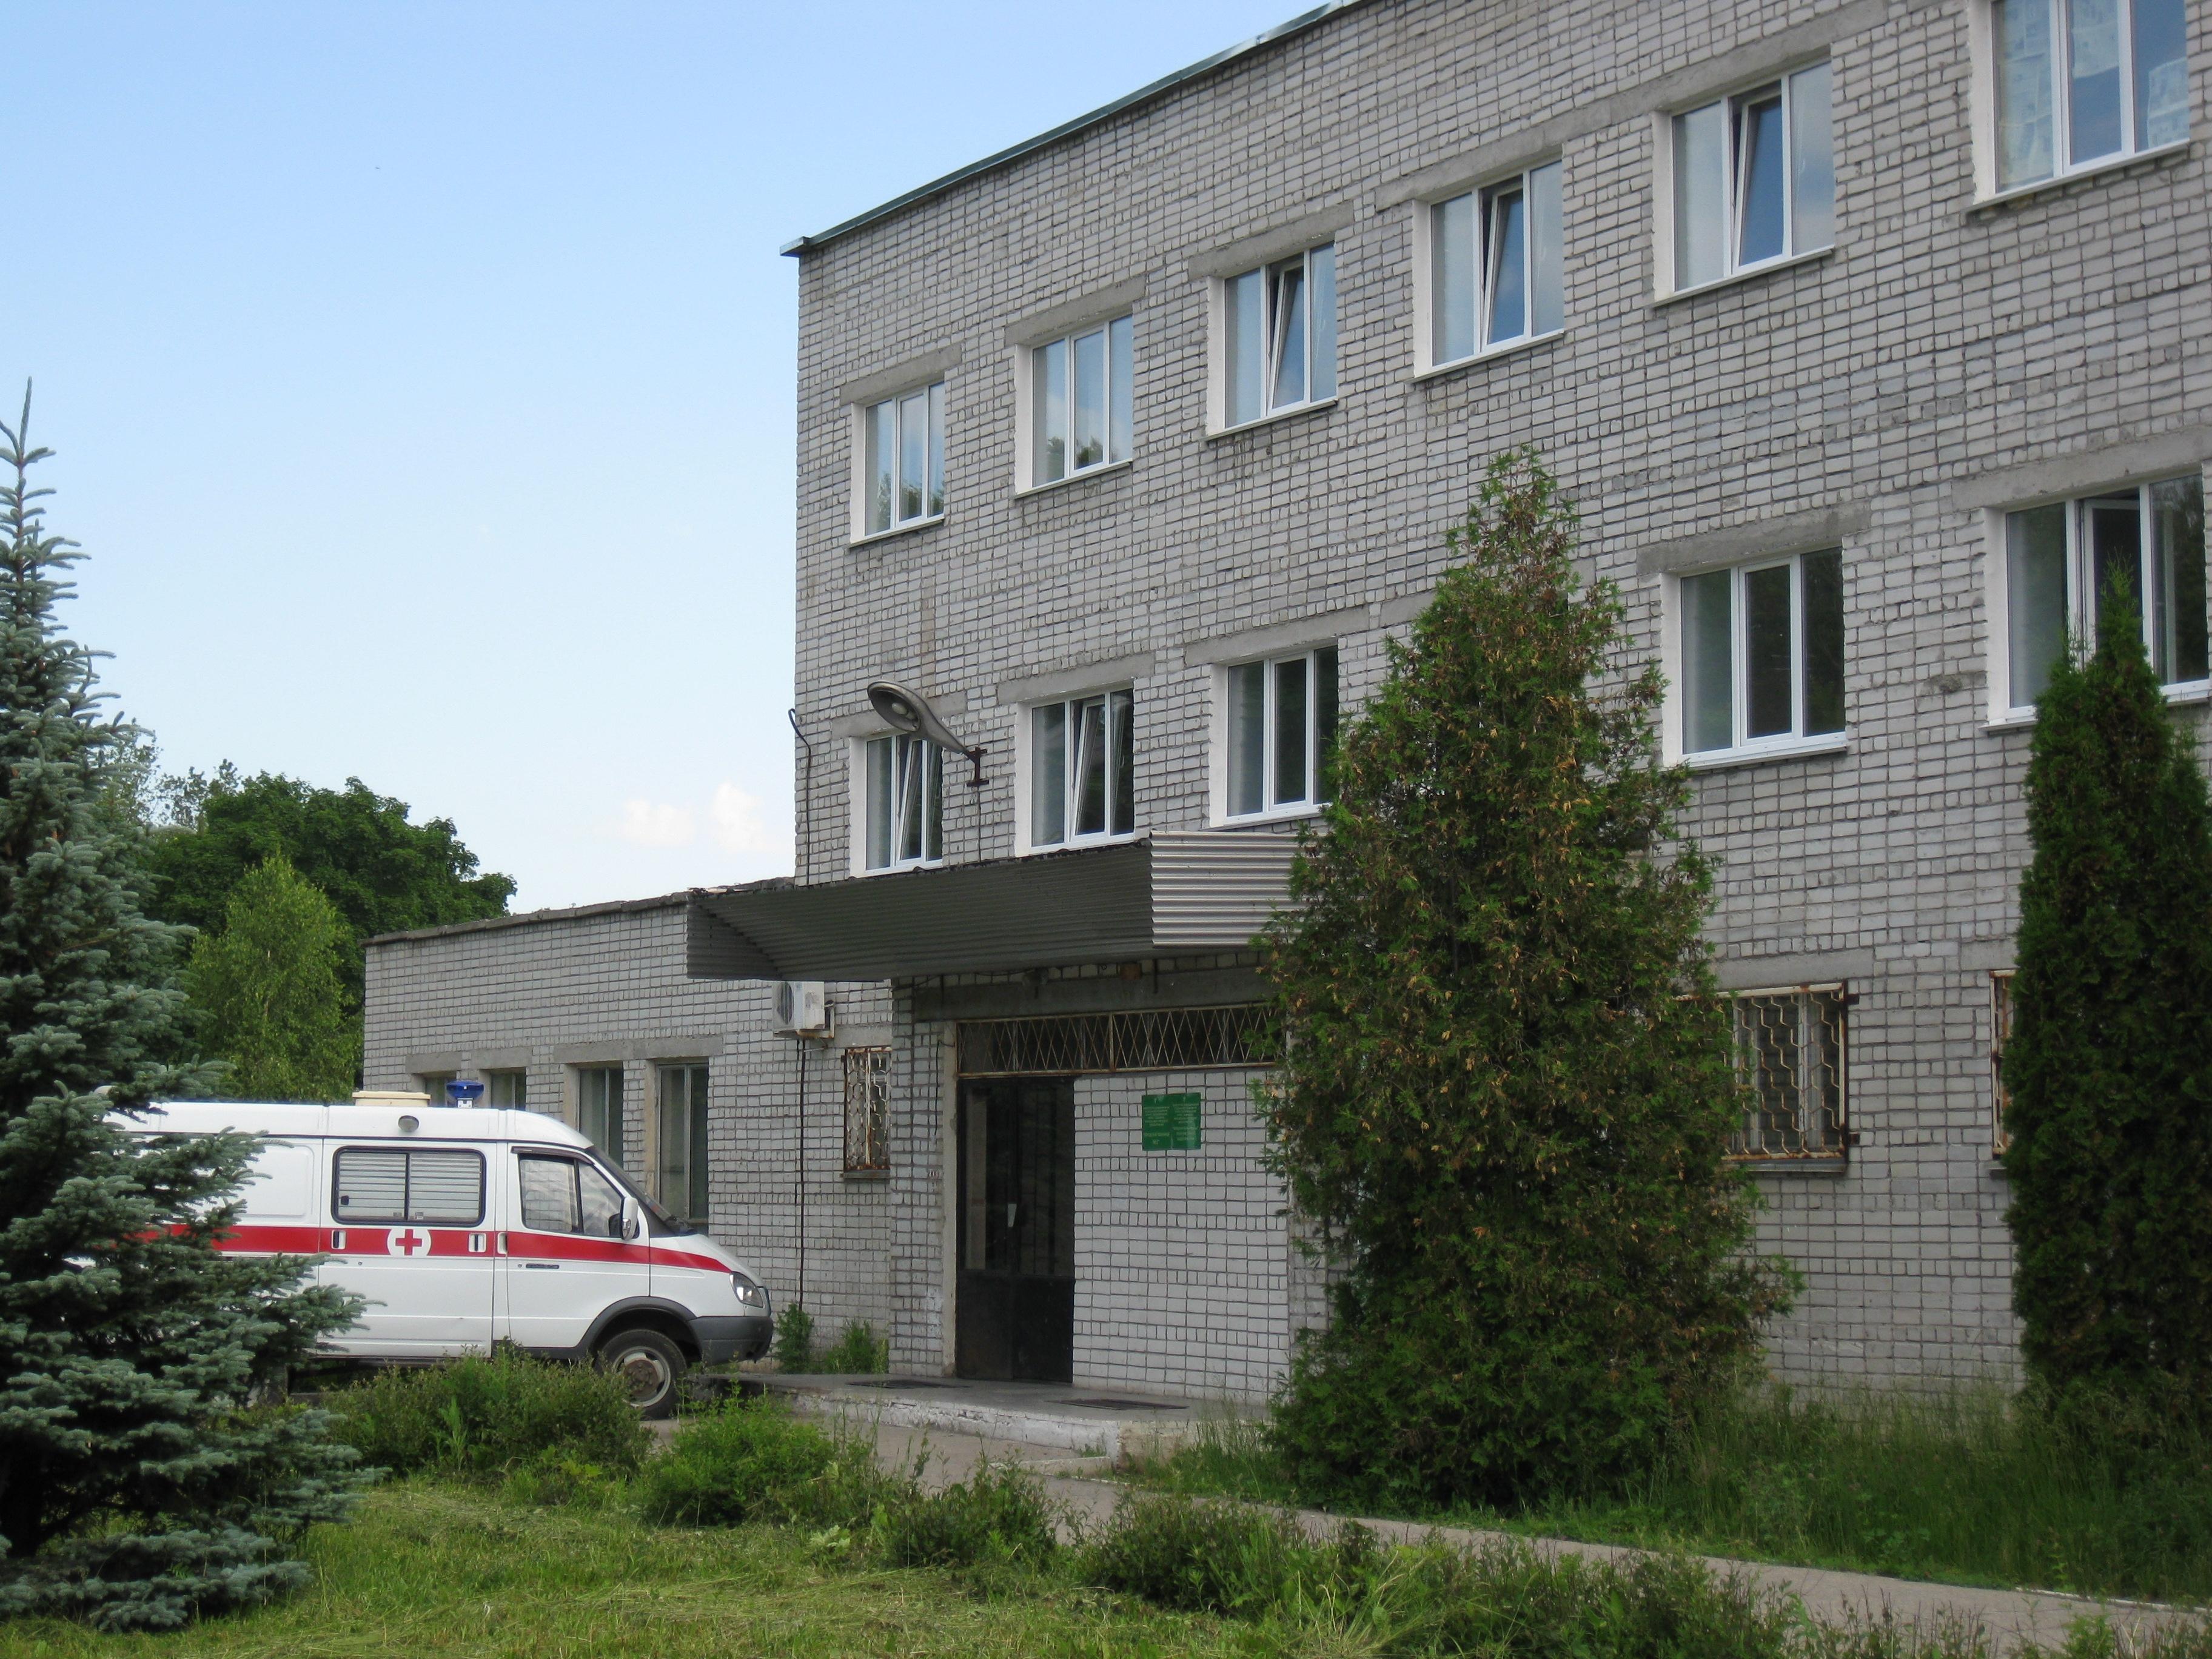 Поликлиника 2 севастополь официальный сайт топ сайтов wow cataclysm